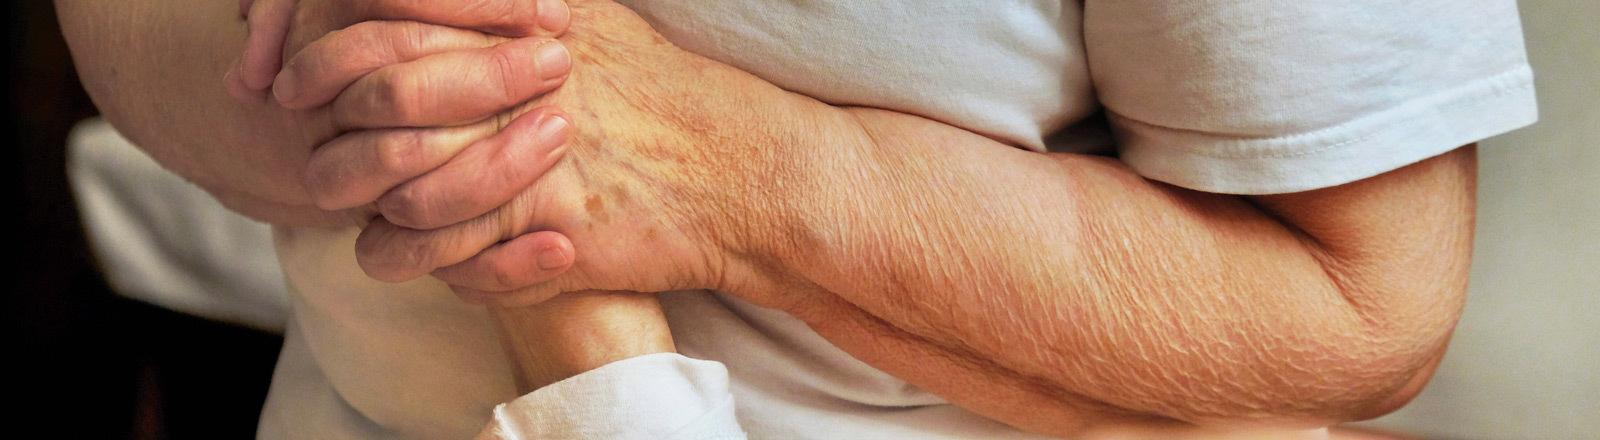 Eine Frau hält die Hand eines Mannes